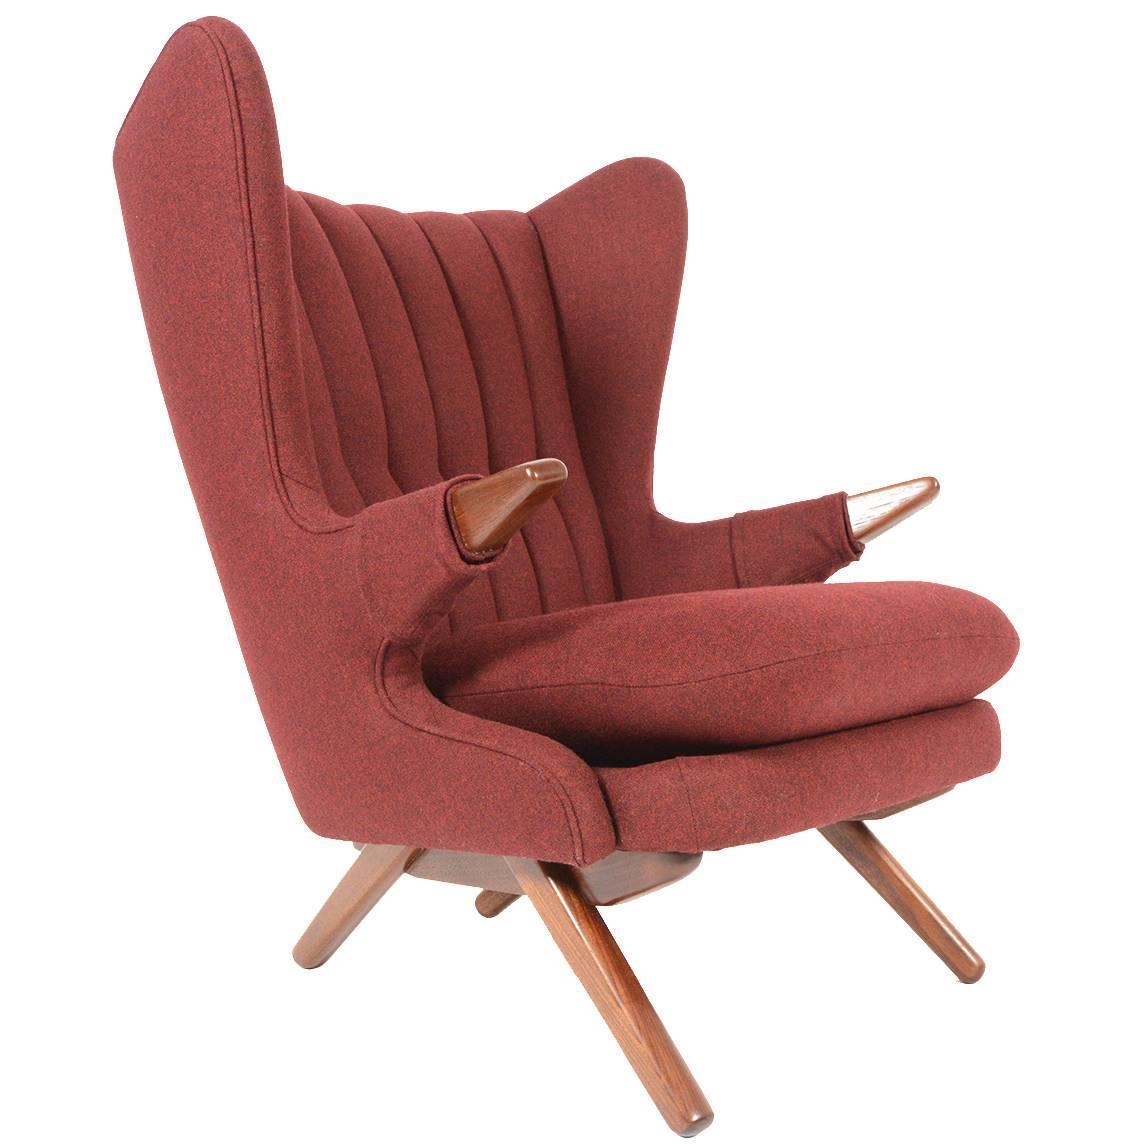 papa bear chair koken barber for sale svend skipper model 91 in burgundy